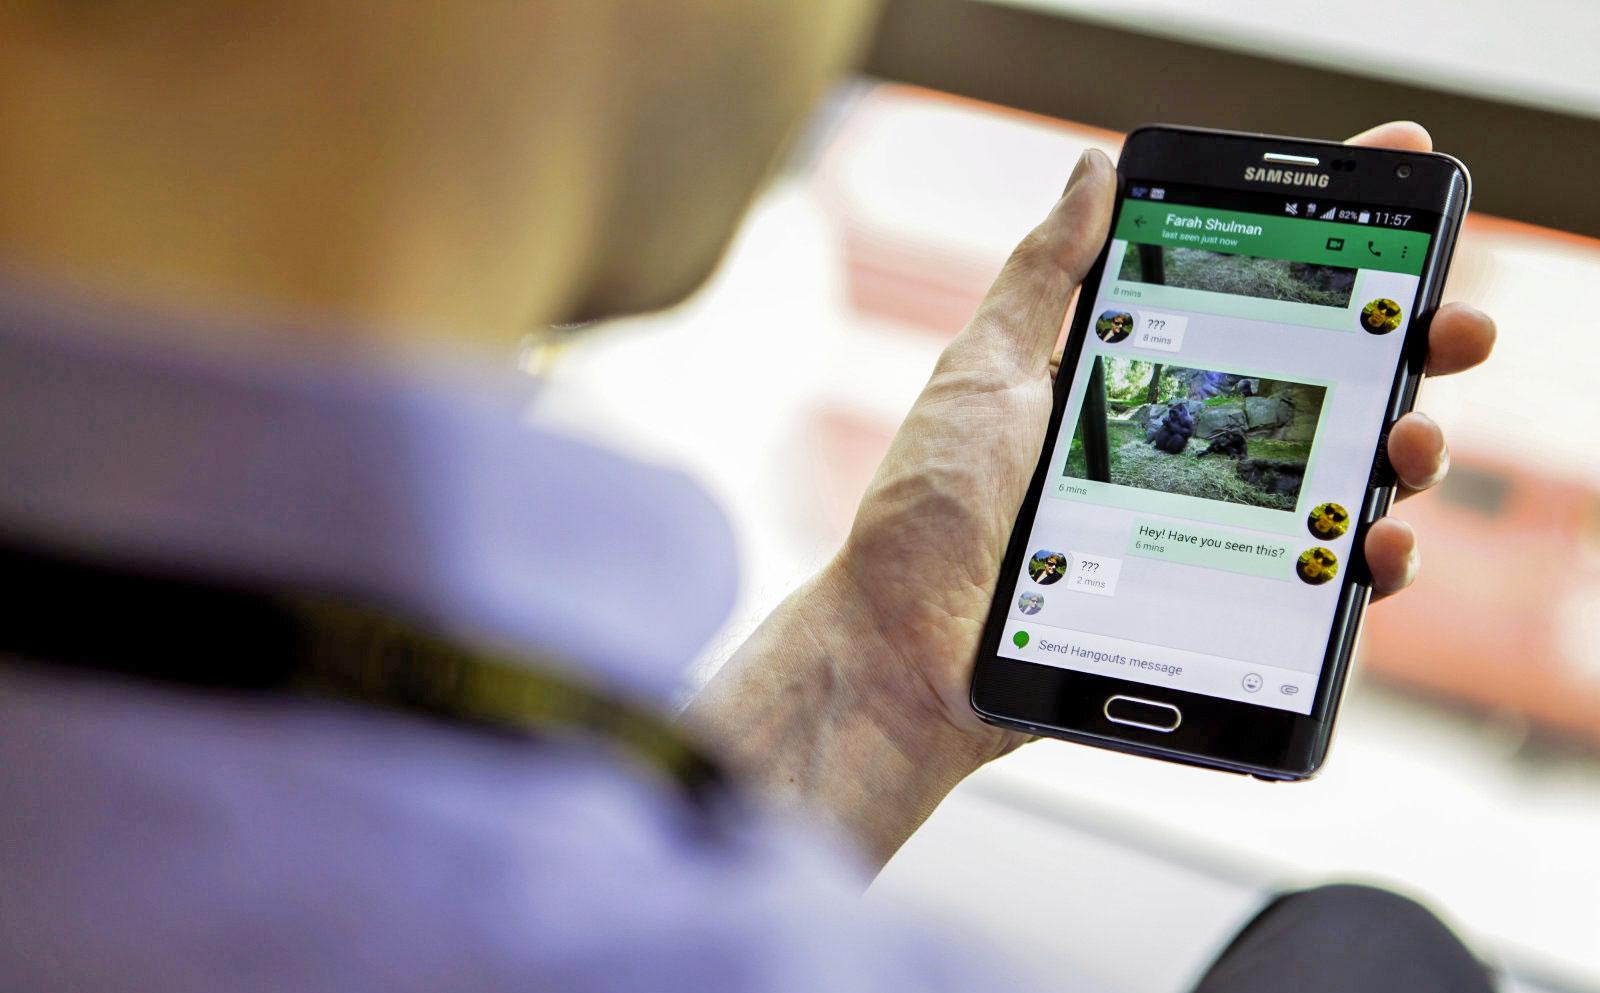 d8973e5fc Google bought a company to improve Hangouts call quality